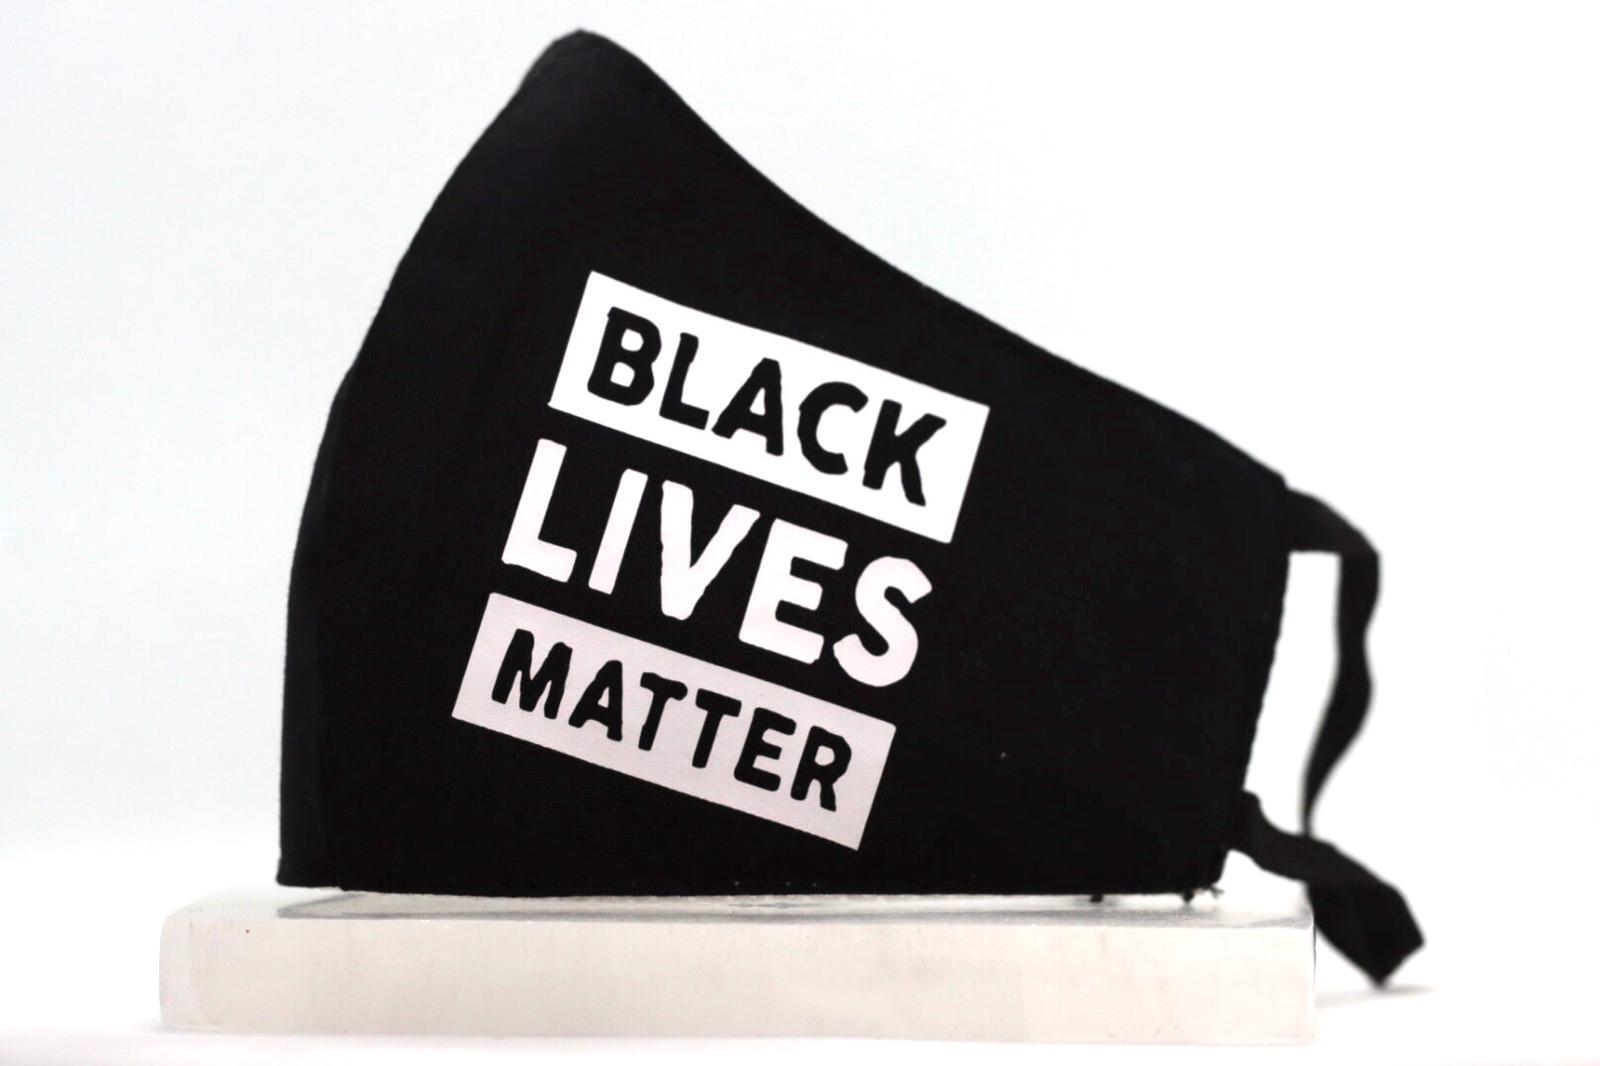 White Heat Printed Black Lives Matter Mask Kind Shop 2